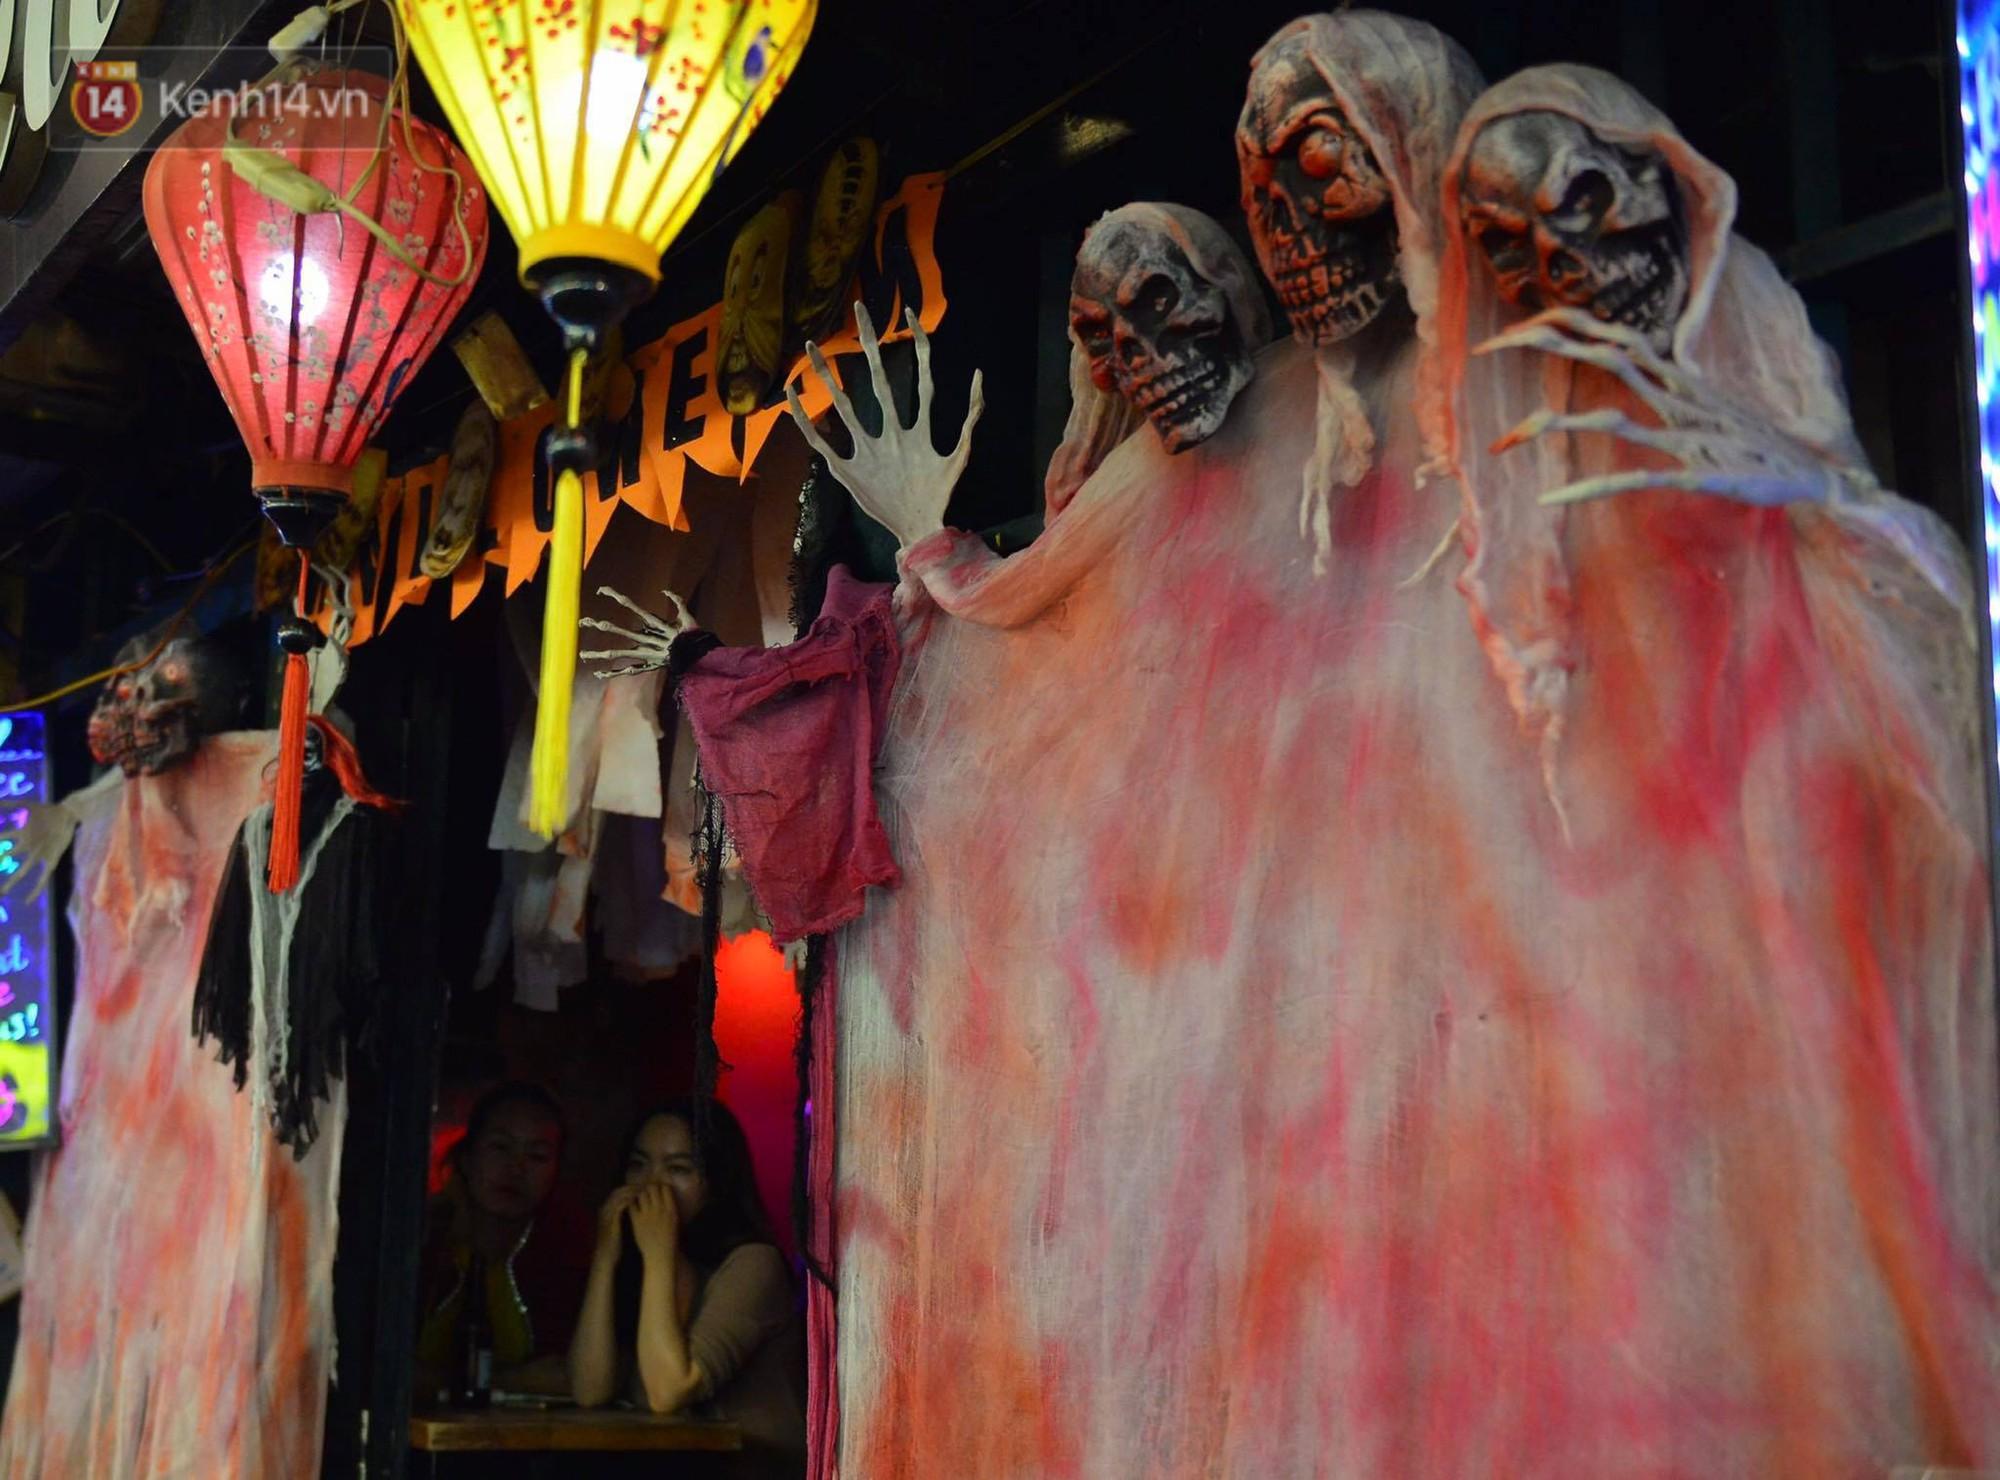 Chùm ảnh: Chị Valak cùng các thây ma đã dạo chơi phố Tây Hà Nội dù 3 ngày nữa mới tới Halloween - Ảnh 6.